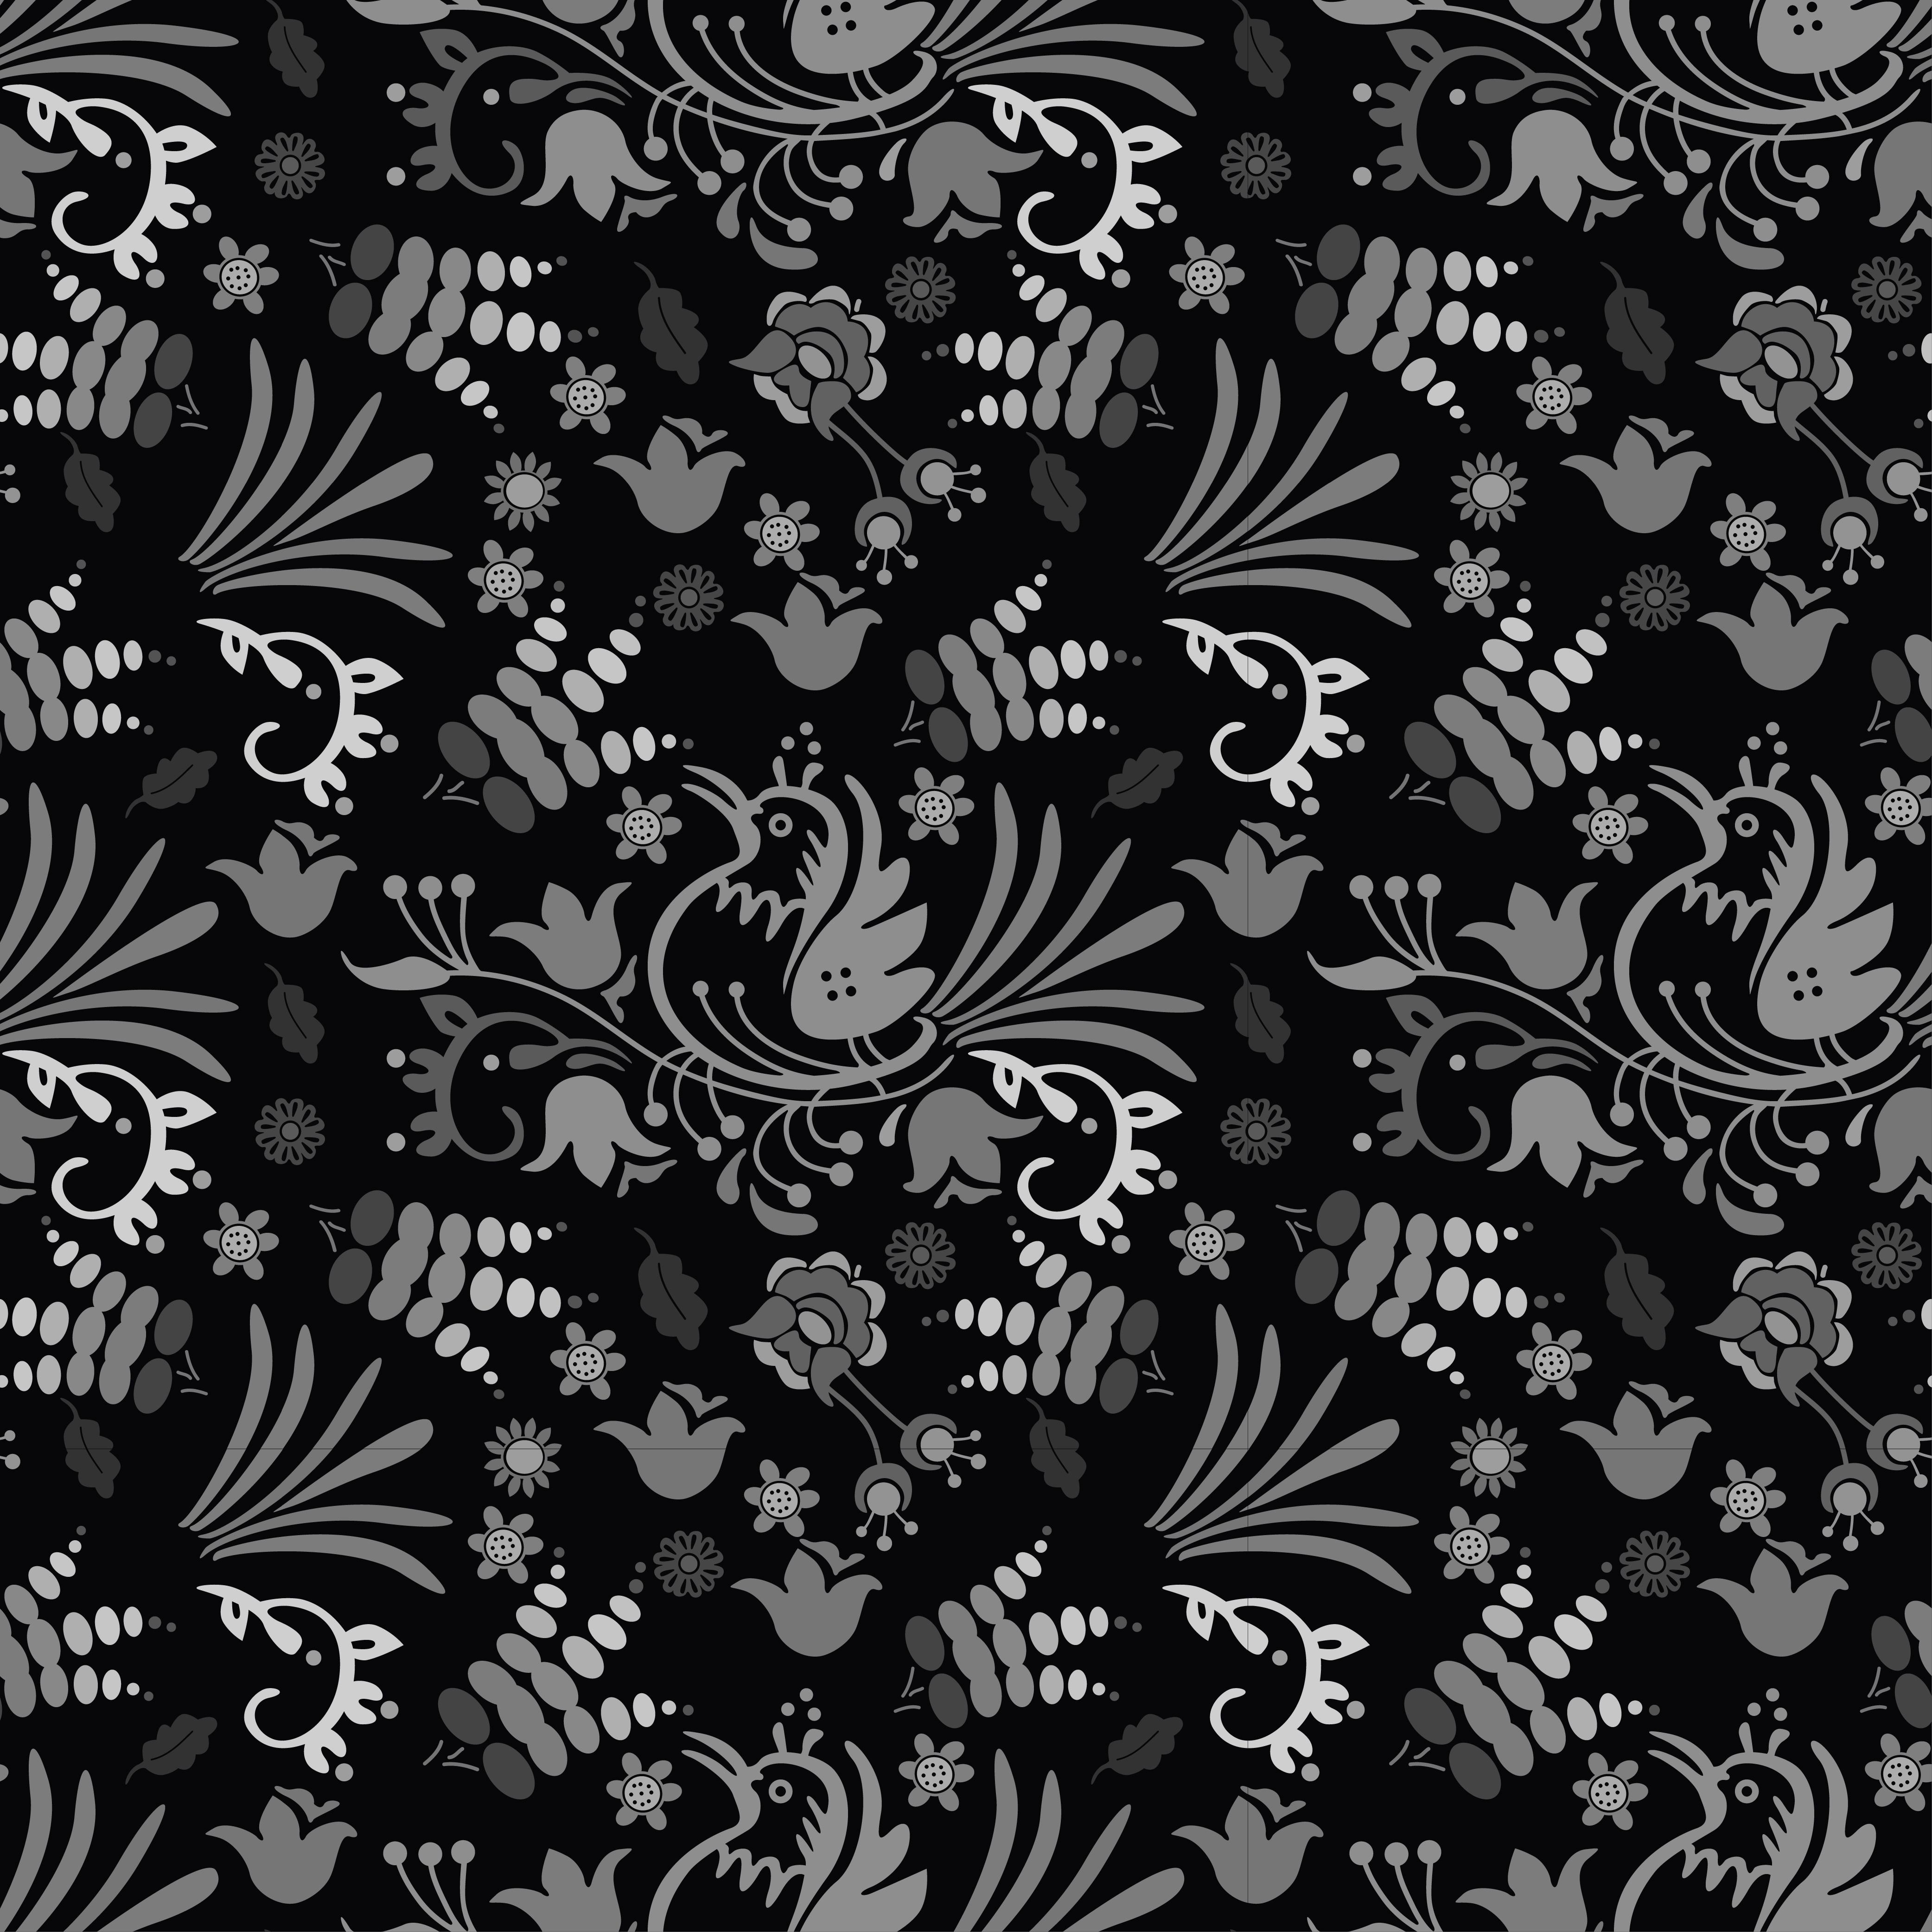 Beautiful Bird Floral Pattern Background Hand Drawn With Dark